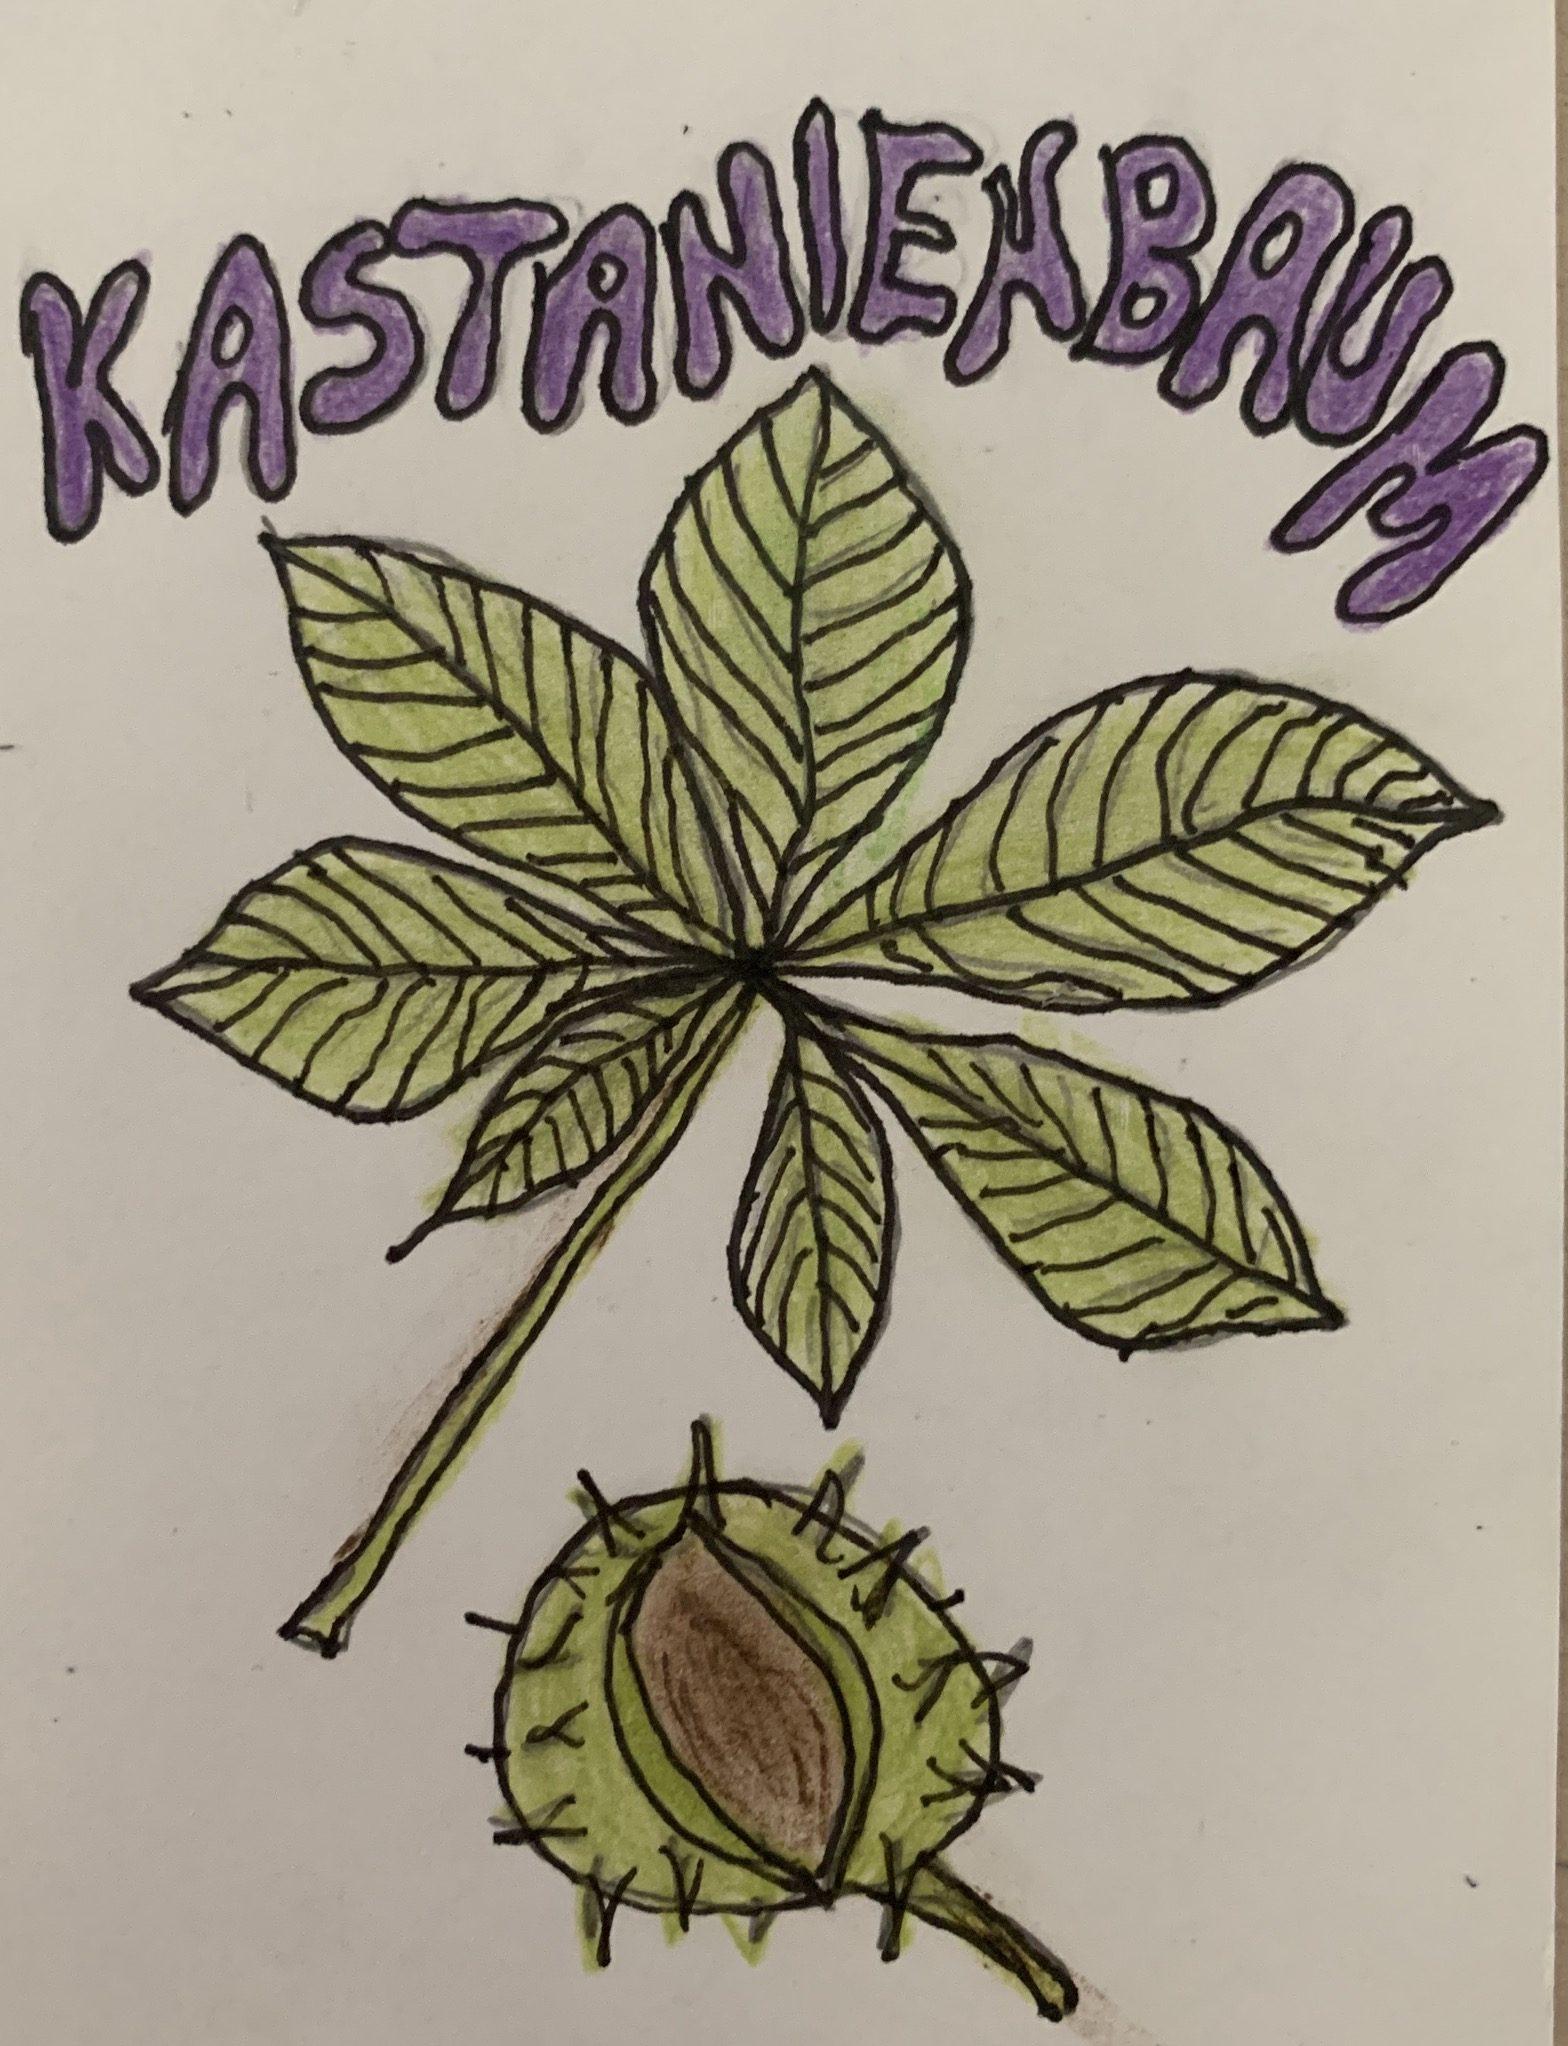 Kindertagesgruppe Kastanienbaum